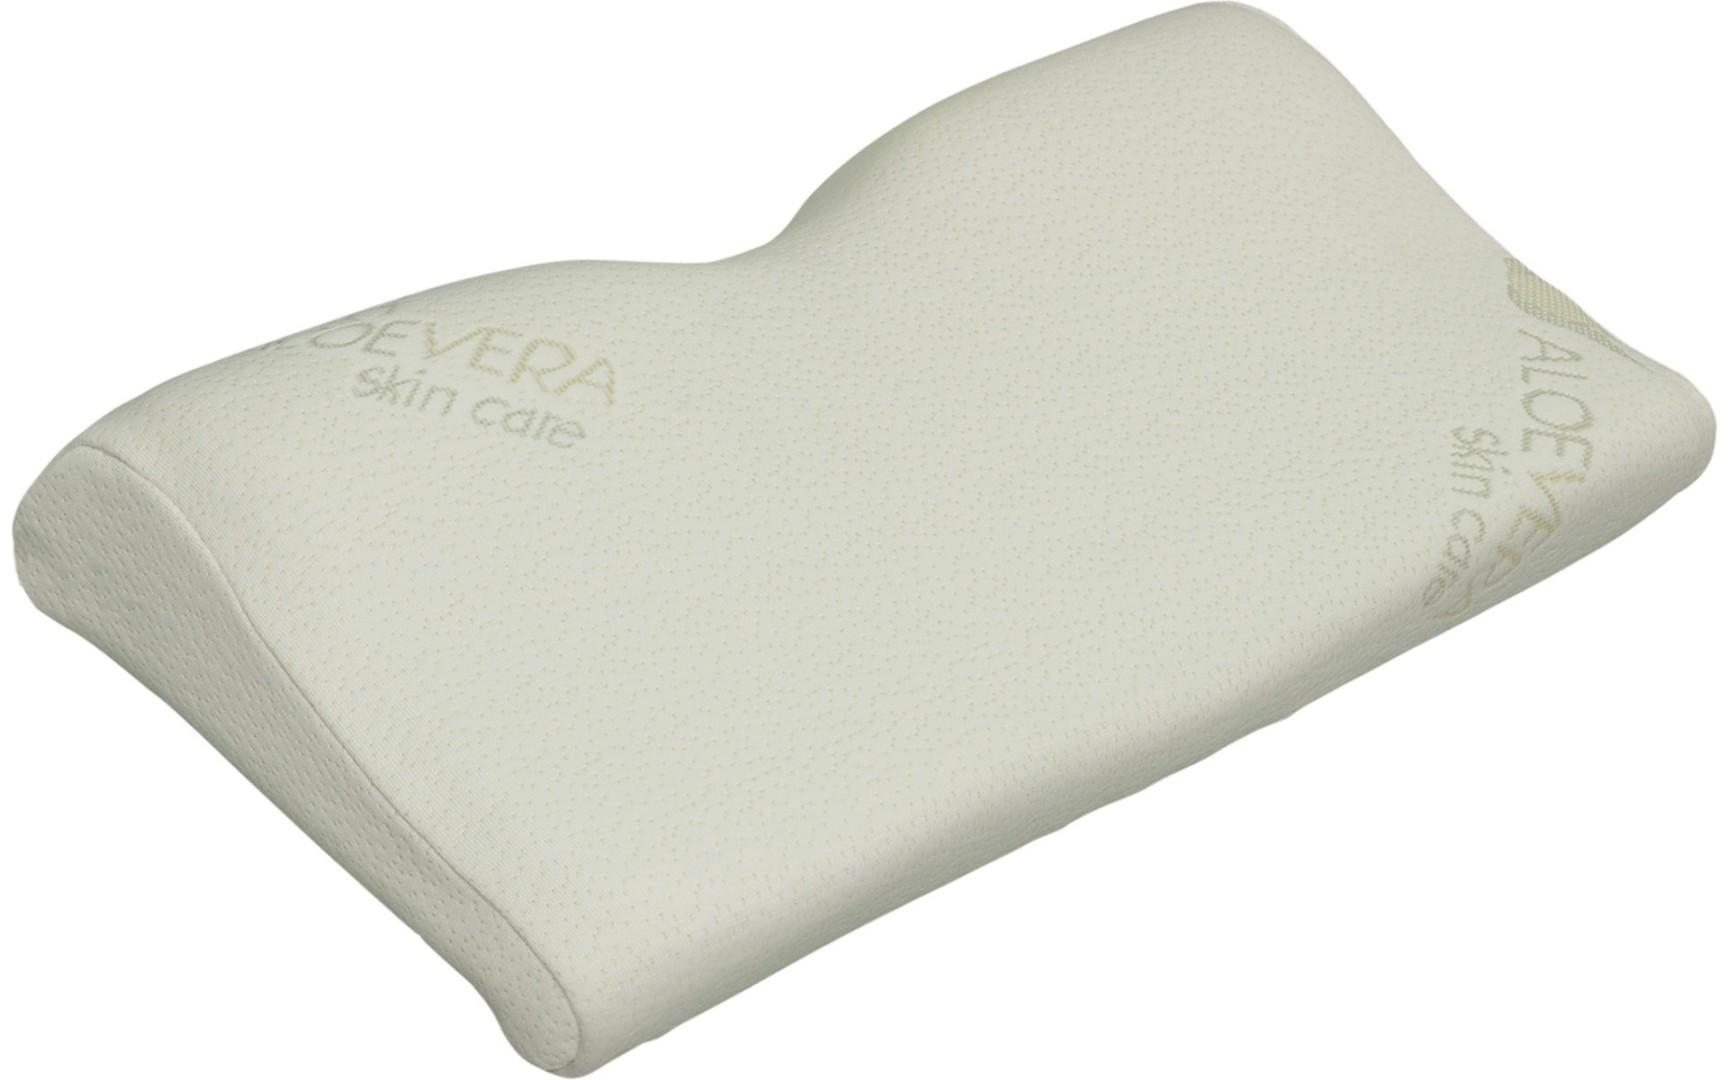 Materasso MADRID - polštář s tvarovou pamětí, líná pěna, snímatelný potah